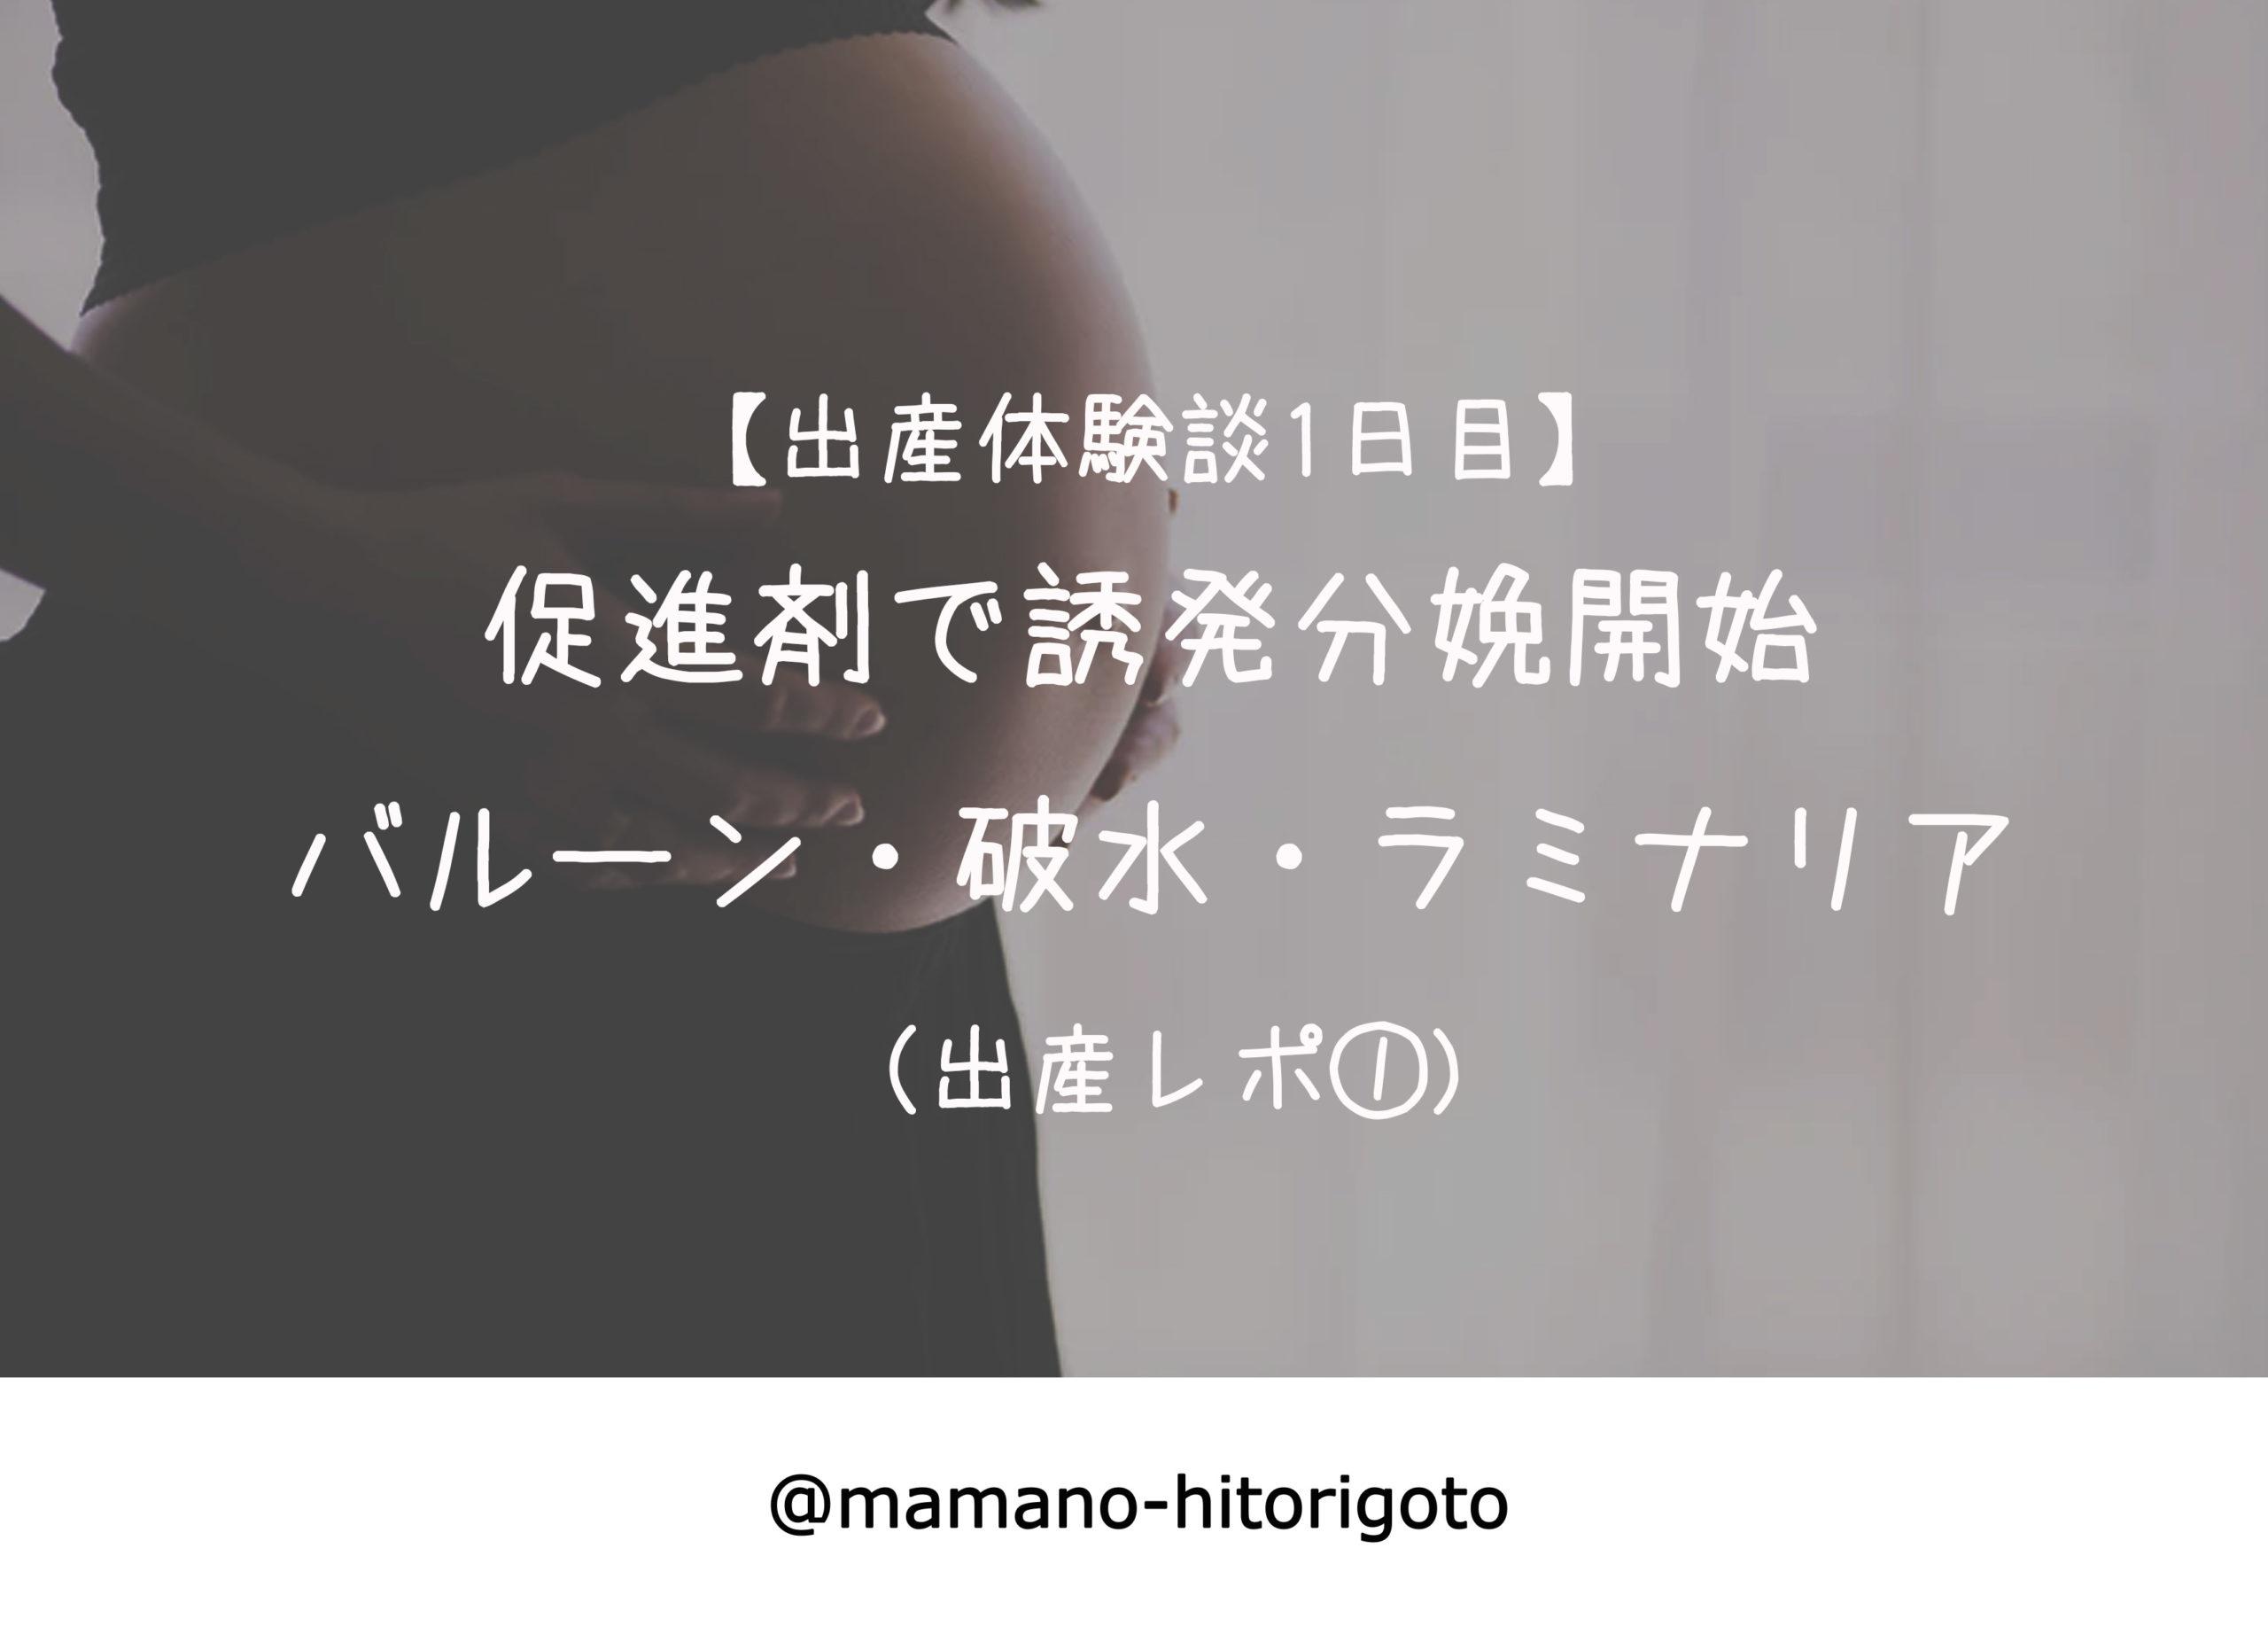 【出産体験談1日目】促進剤で誘発分娩開始・バルーン・破水・ラミナリア